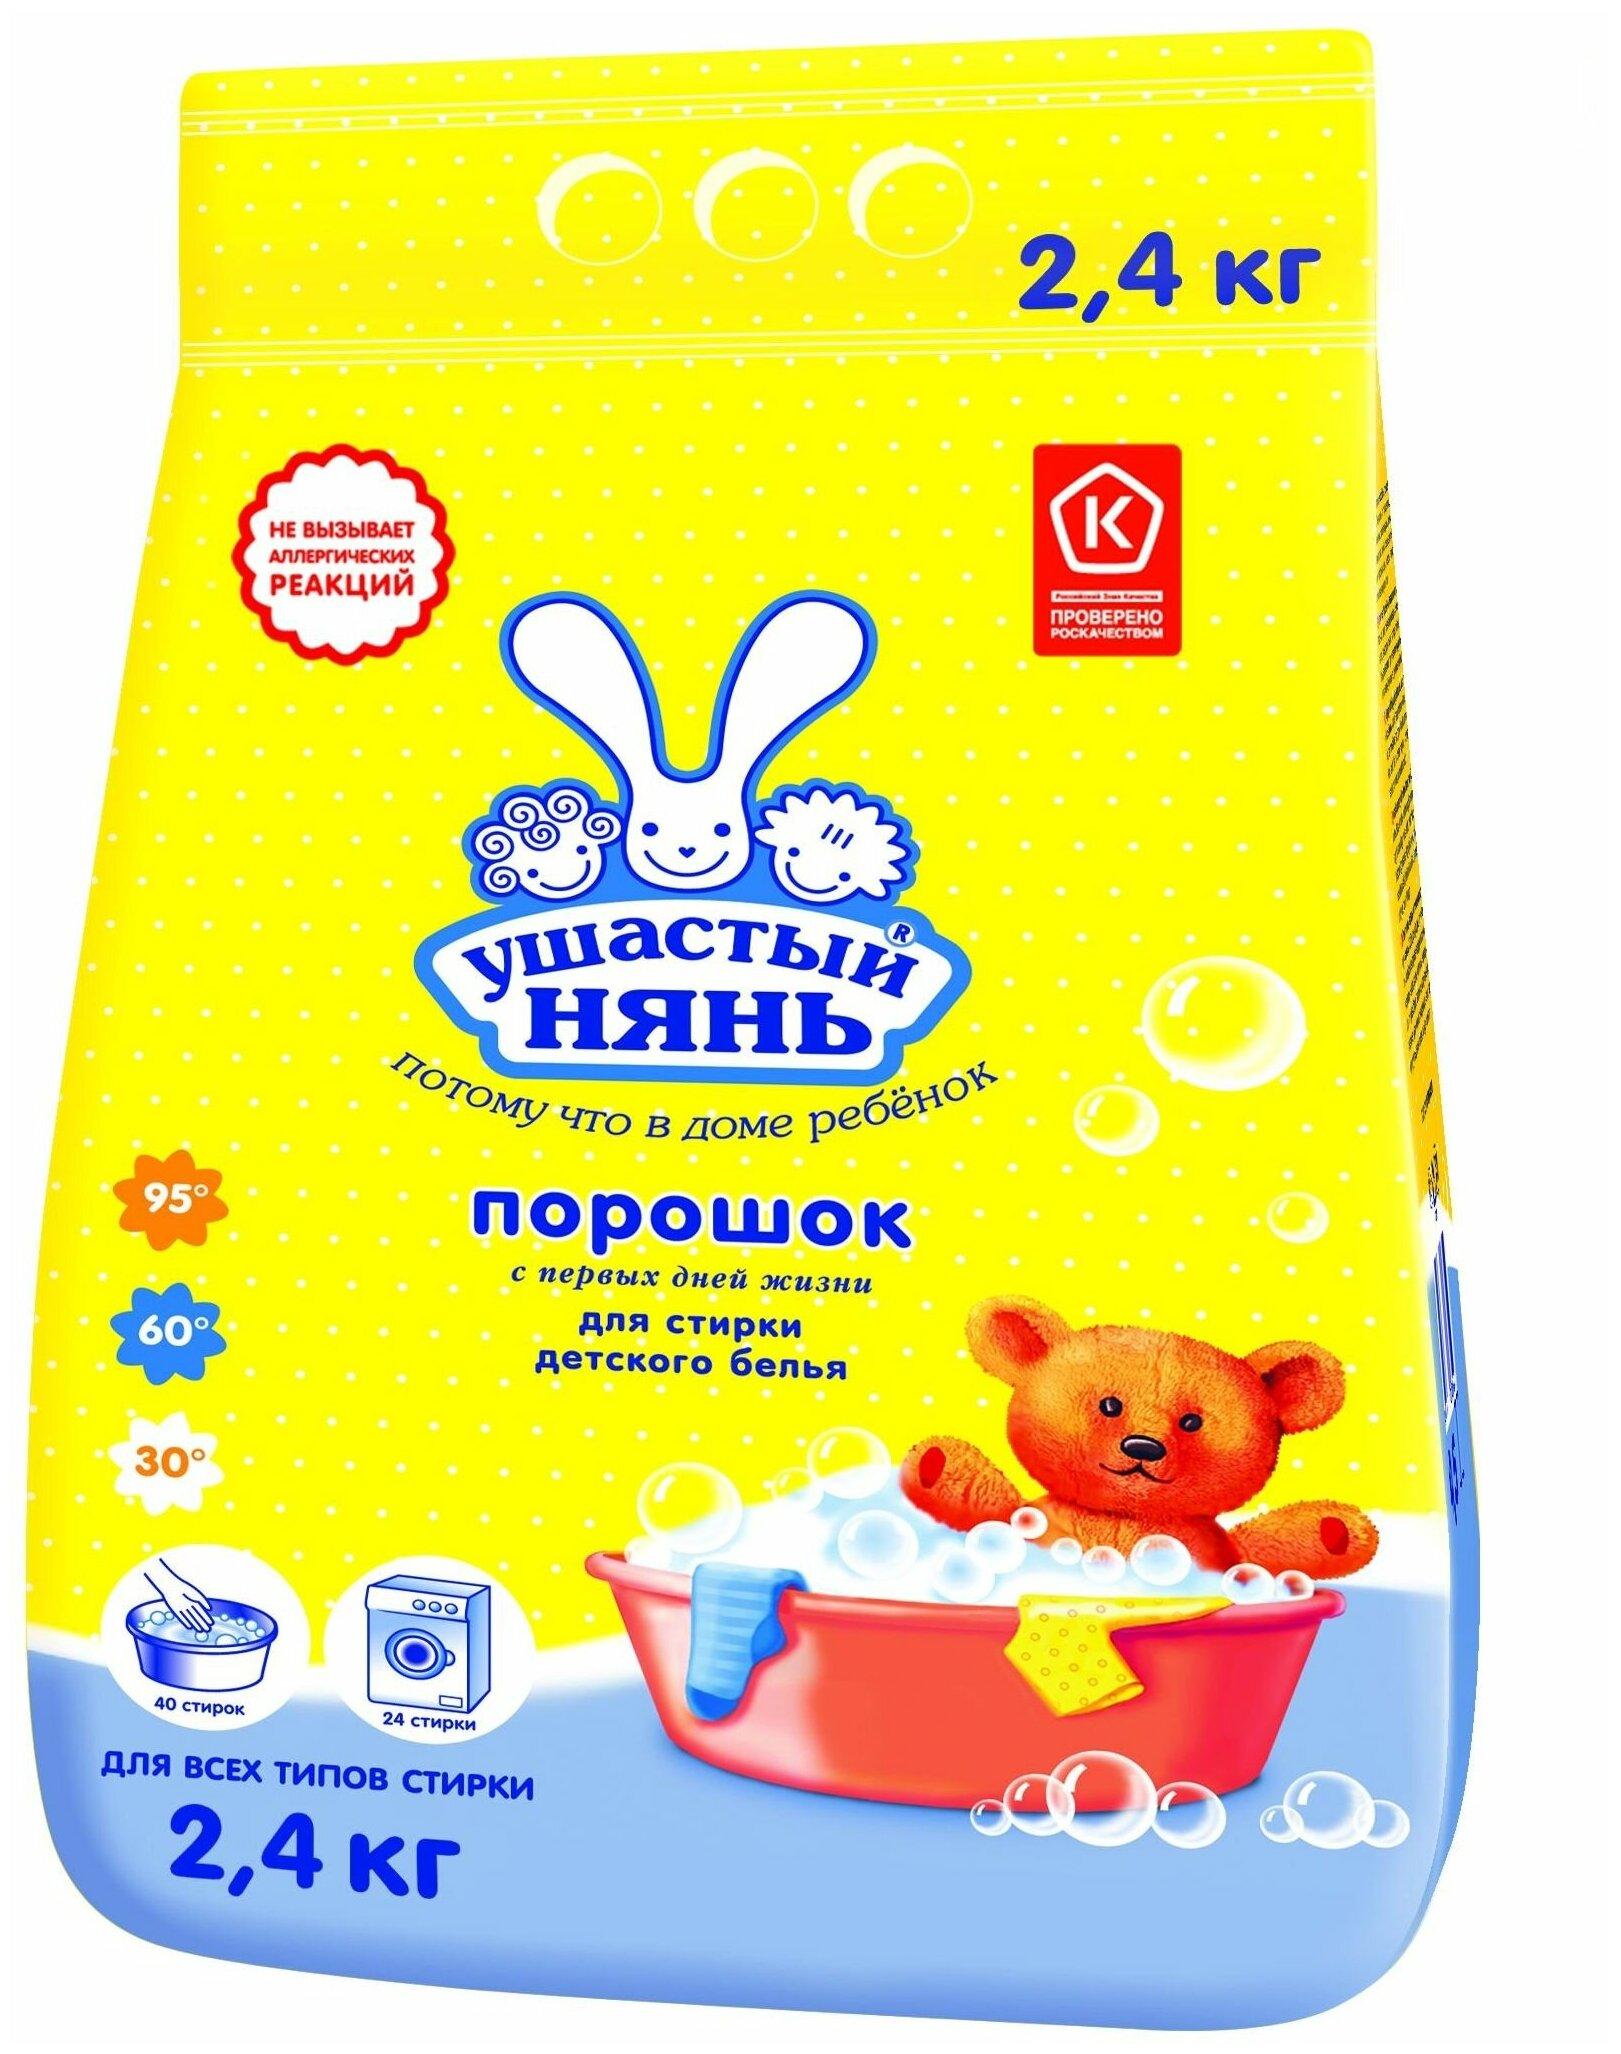 Стоит ли покупать Стиральный порошок Ушастый Нянь для стирки детского белья, пластиковый пакет, 2.4 кг - 867 отзывов на Яндекс.Маркете